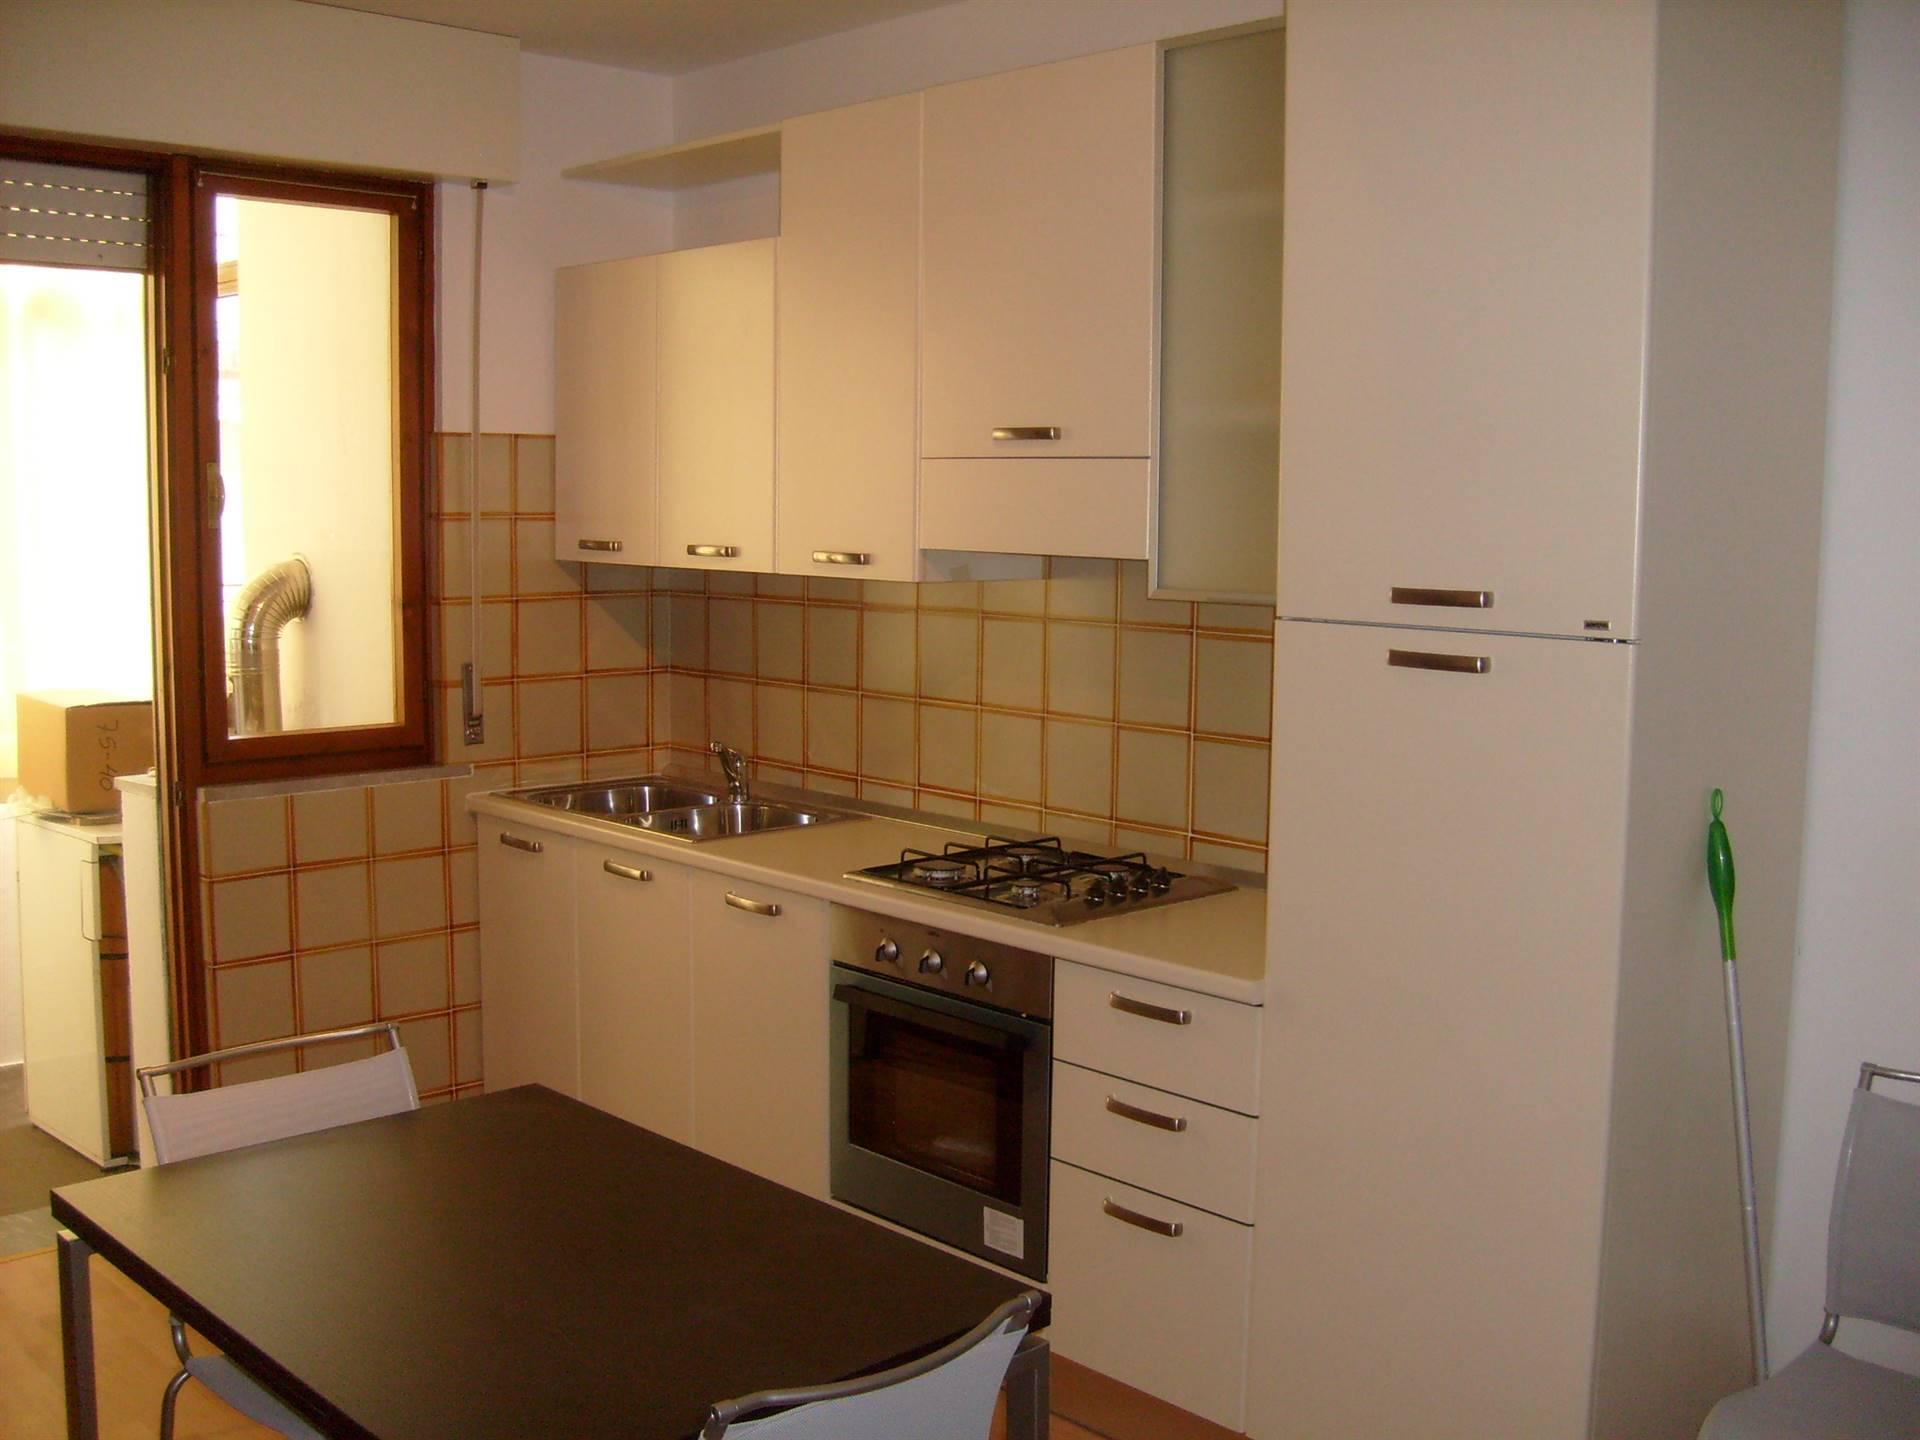 Appartamento in affitto a Udine, 3 locali, zona Zona: Periferia, prezzo € 440 | CambioCasa.it